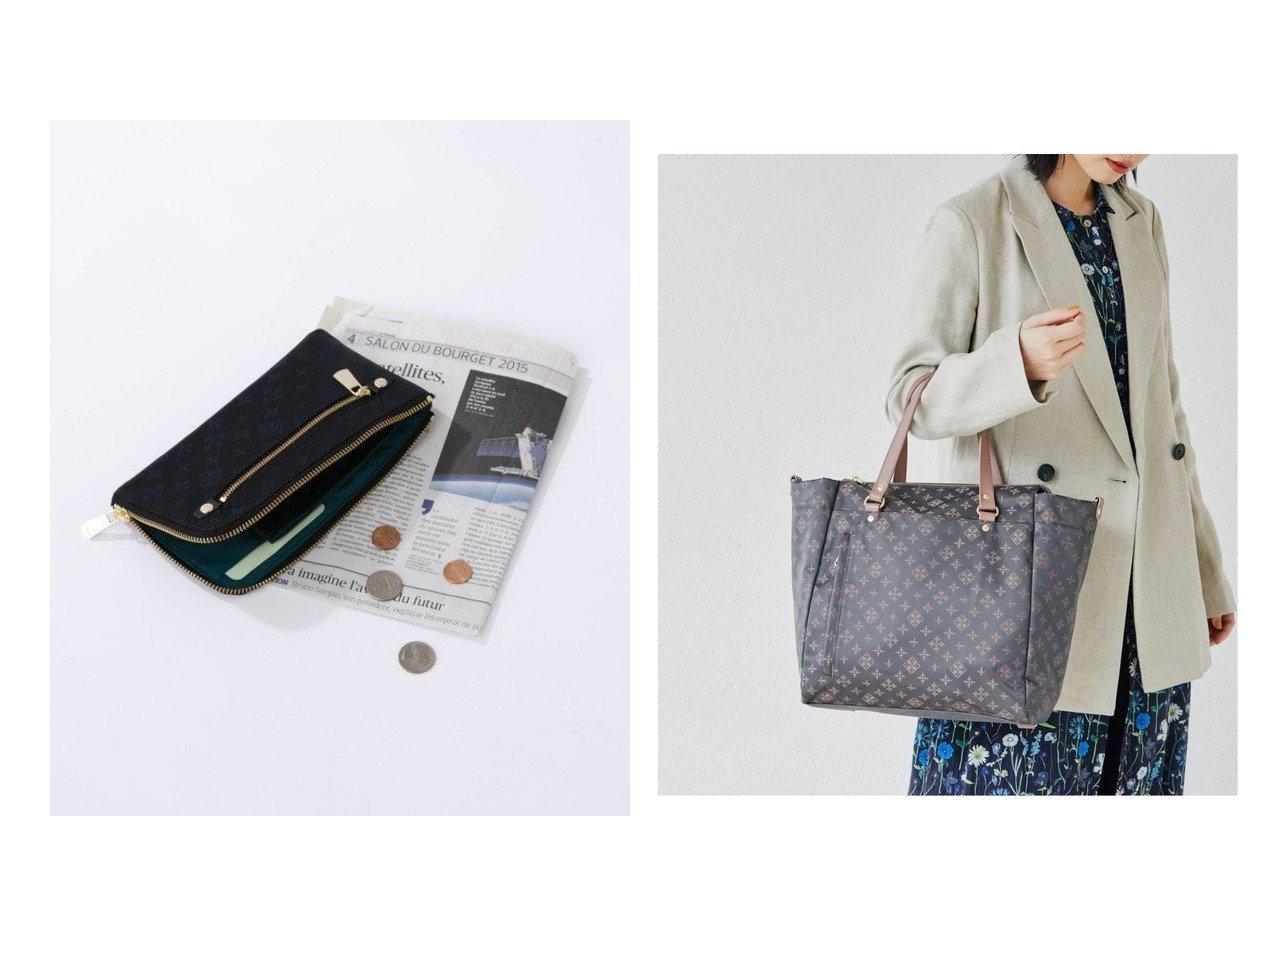 【russet/ラシット】のマルチウォレット(Z-282)&4WAYバッグ(CE-916) russetのおすすめ!人気、トレンド・レディースファッションの通販 おすすめで人気の流行・トレンド、ファッションの通販商品 メンズファッション・キッズファッション・インテリア・家具・レディースファッション・服の通販 founy(ファニー) https://founy.com/ ファッション Fashion レディースファッション WOMEN 財布 Wallets 送料無料 Free Shipping ポケット 財布 ショルダー パターン マグネット リュック |ID:crp329100000018609